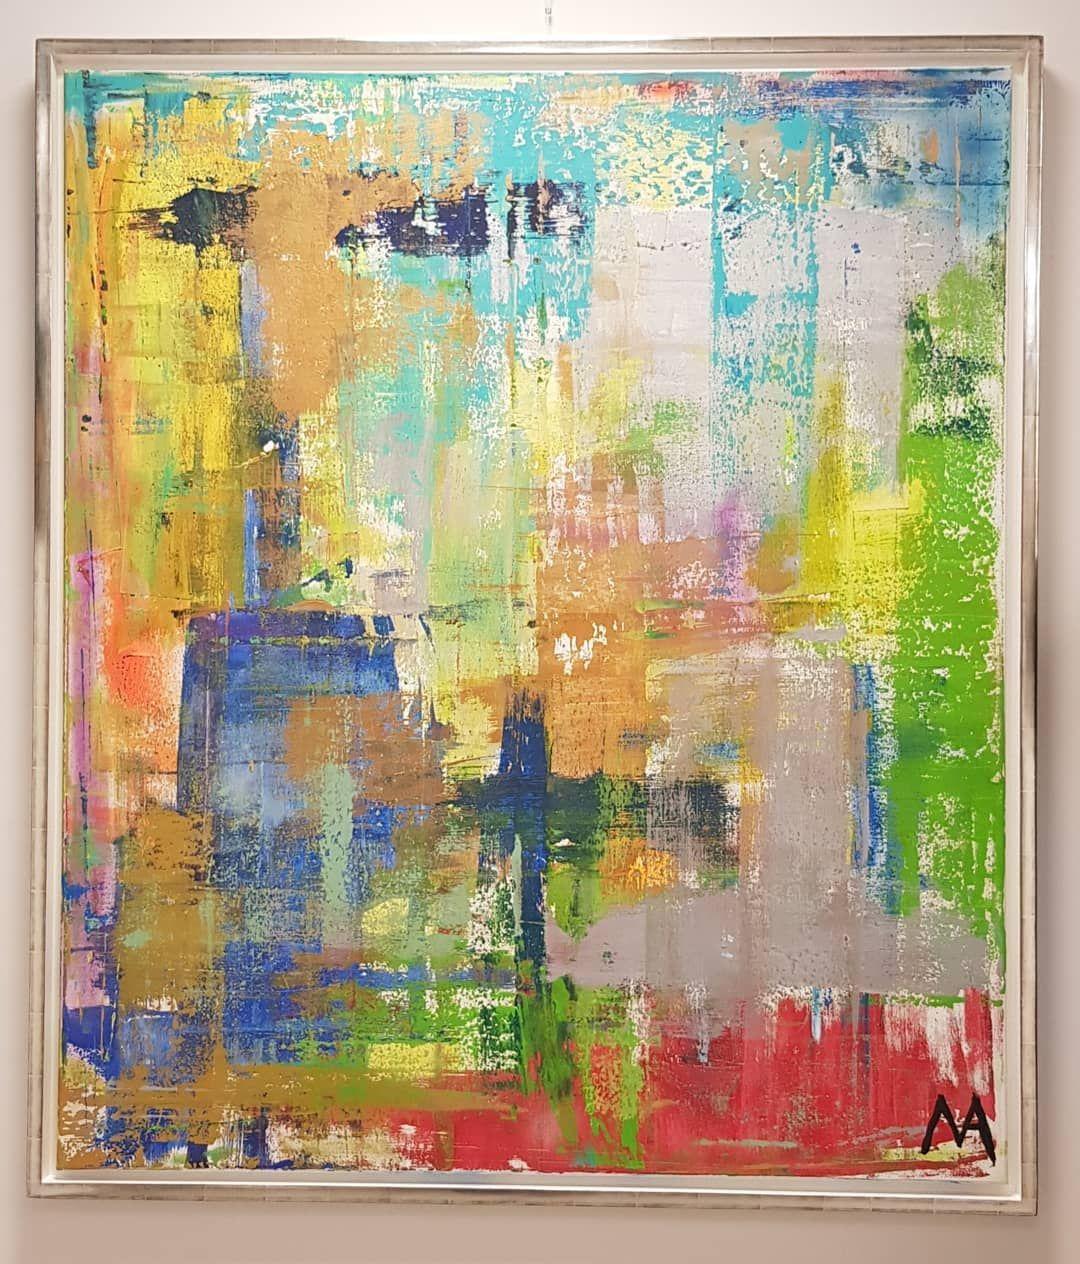 Gefallt 0 Mal 0 Kommentare Galerie Wehr Galeriewehr Auf Instagram Mikail Akar New Abstract Painting Framing By Galerie Wehr Art Abstract Abstract Art